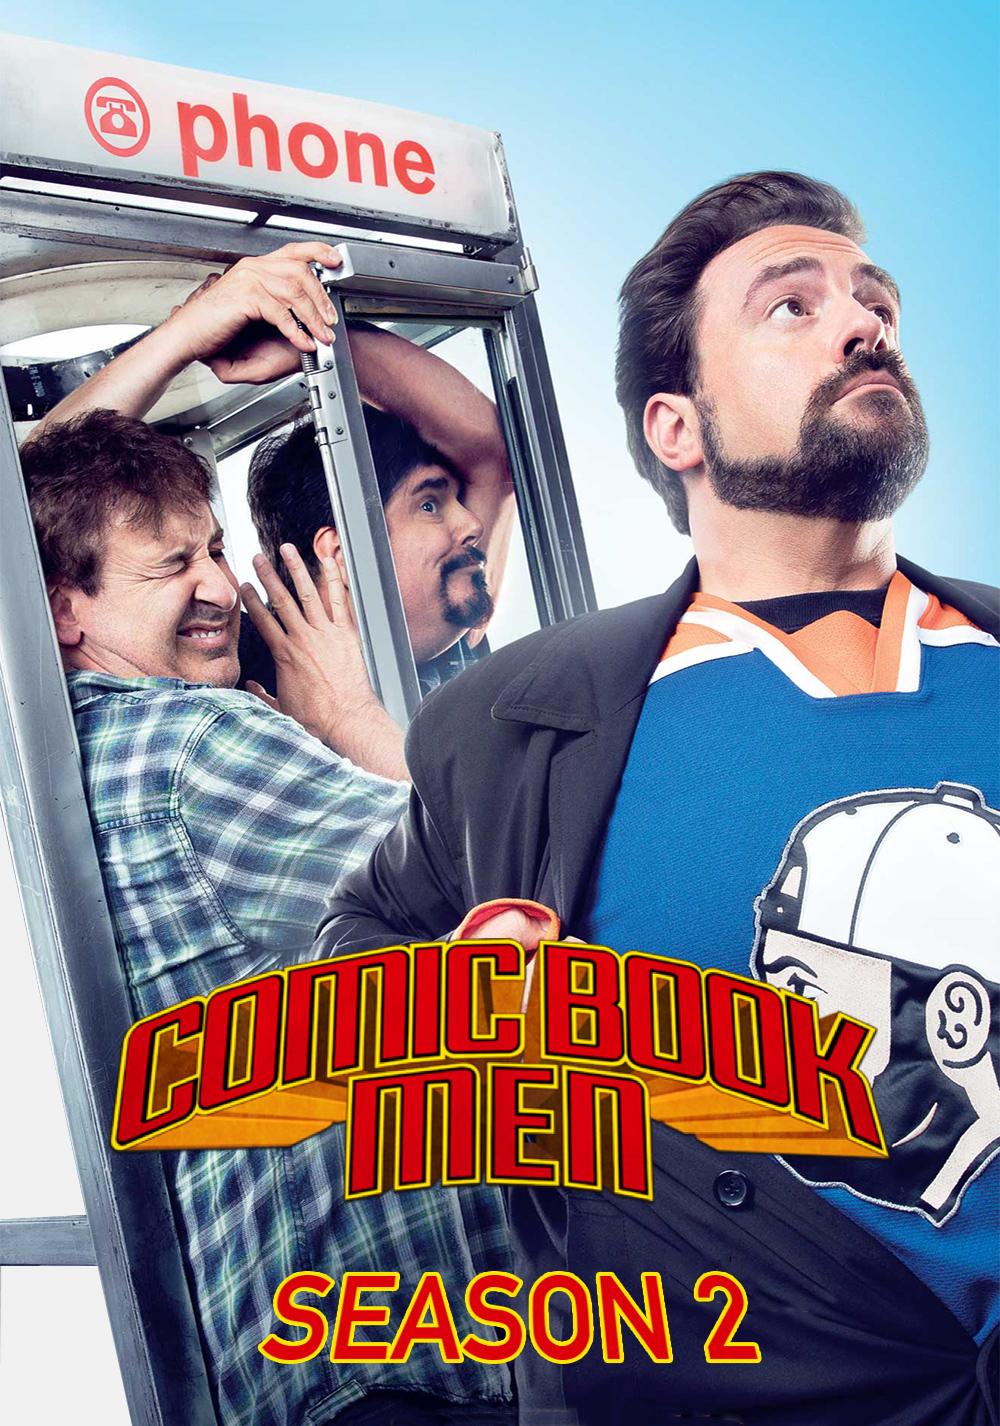 comic-book-men-5a8862d6a88d9.jpg